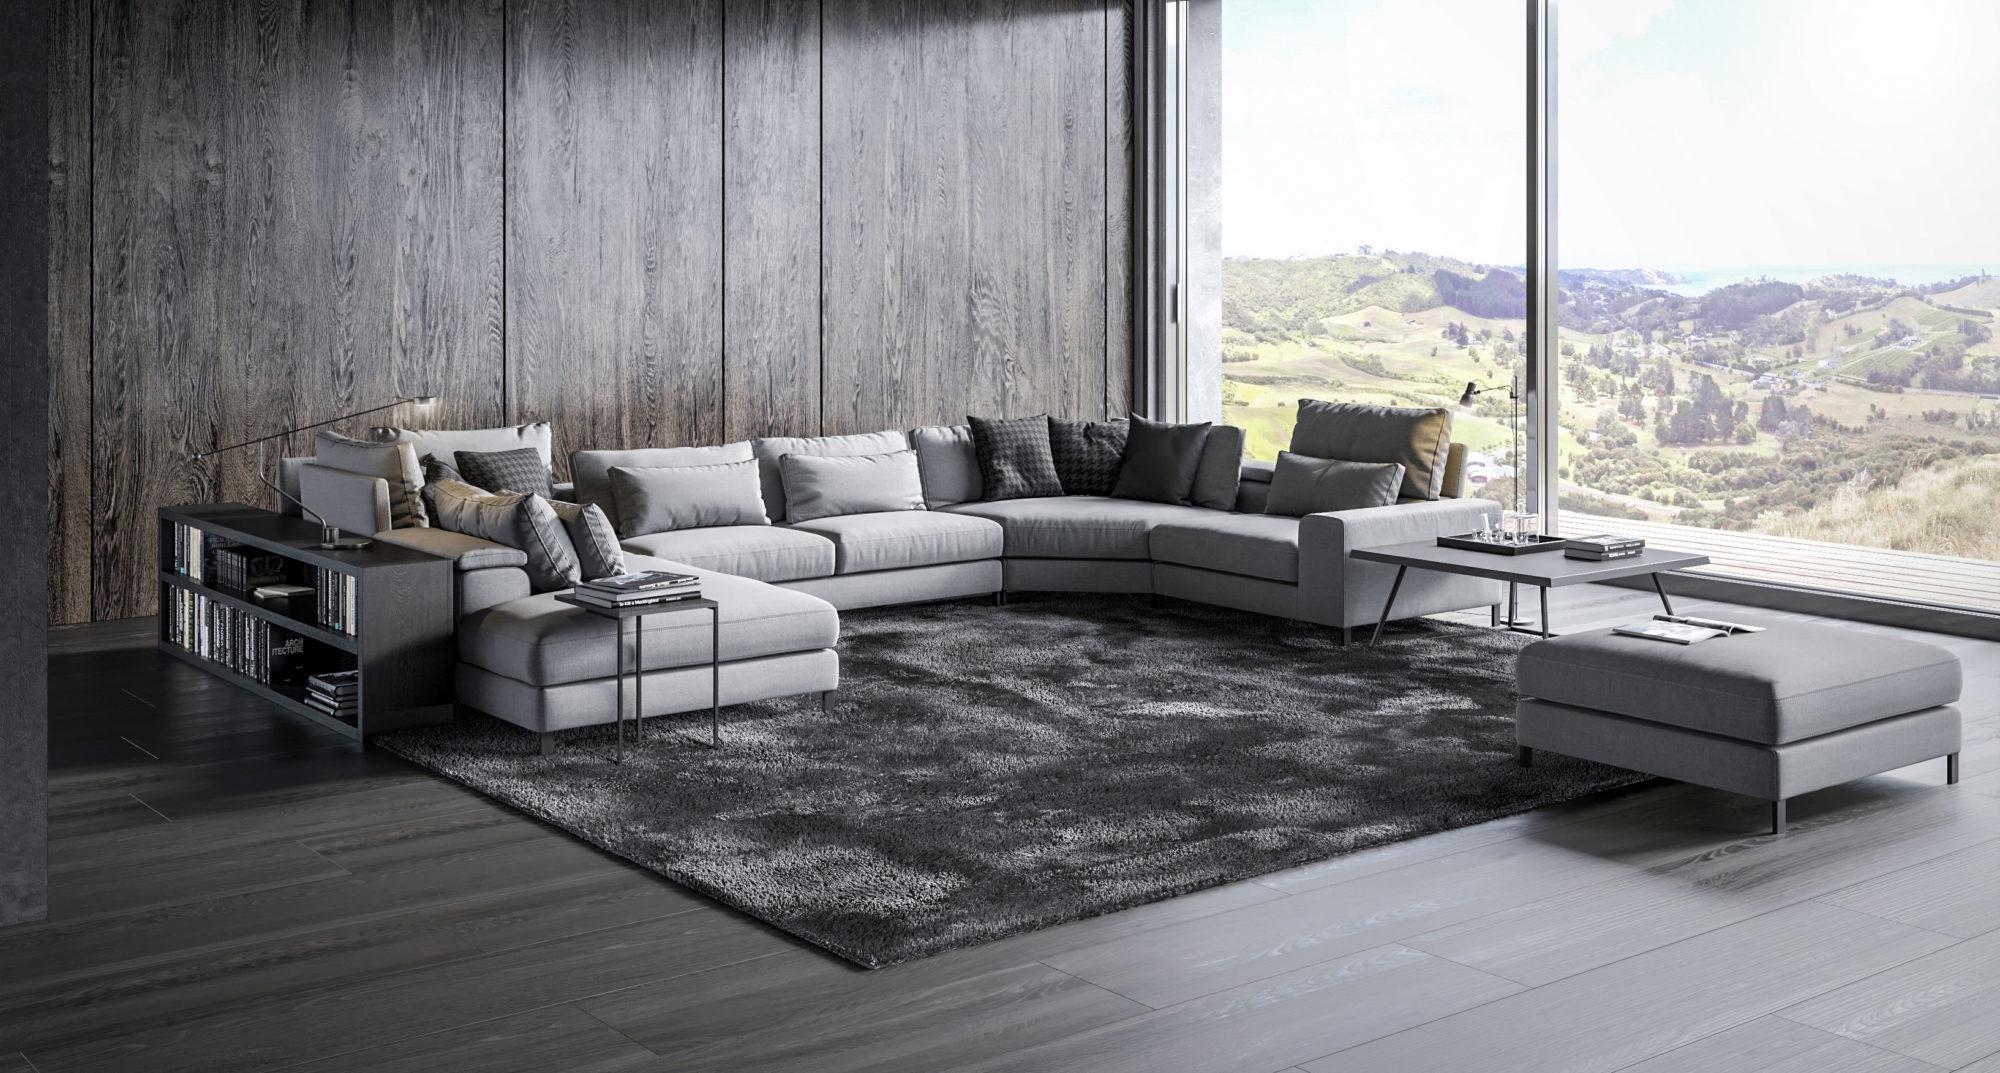 Nowy salon flagowy – Olta Concept Store w Warszawie/Janki